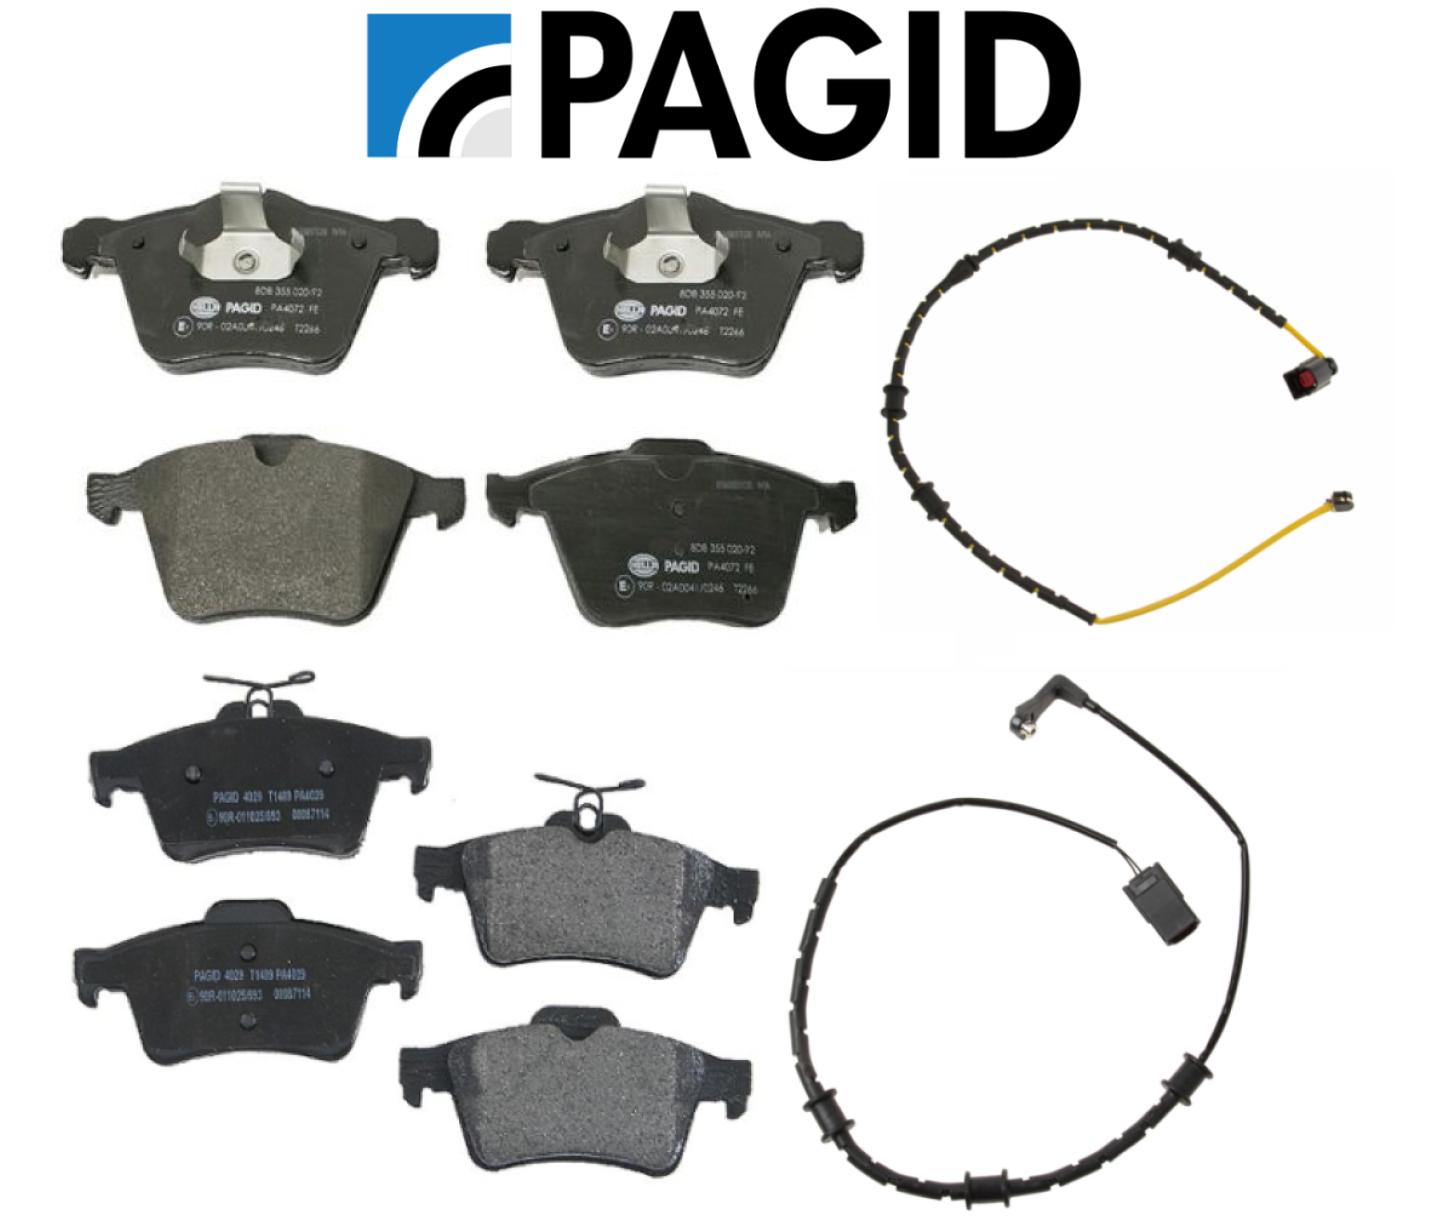 Pair Set of Front and Rear Brake Pad Sensors For Jaguar XF XJ 2013-2015